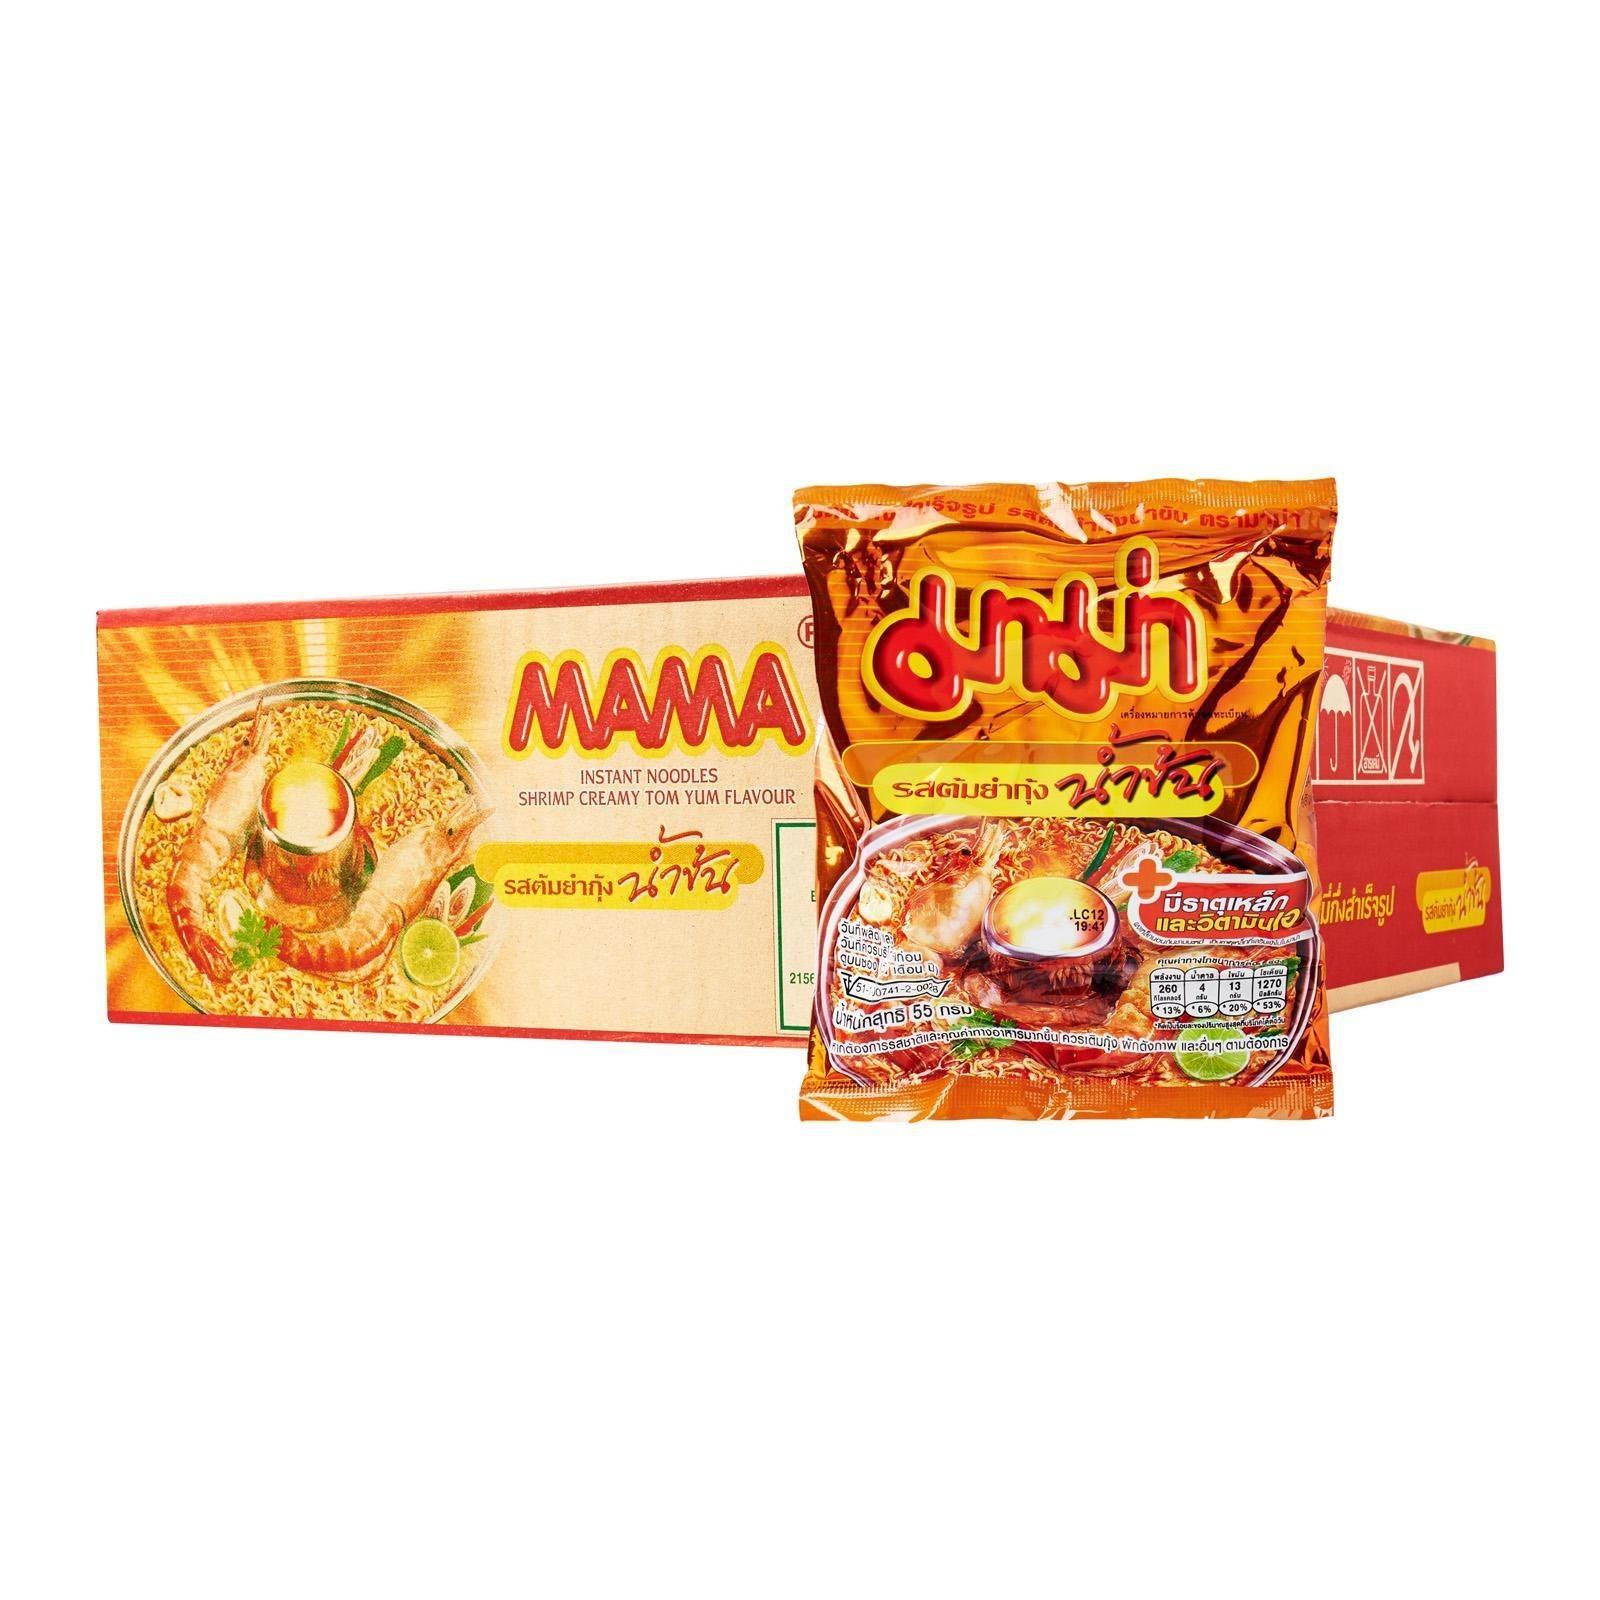 MAMA Tom Yum Creamy Shrimp Instant Noodles x 30 Packs